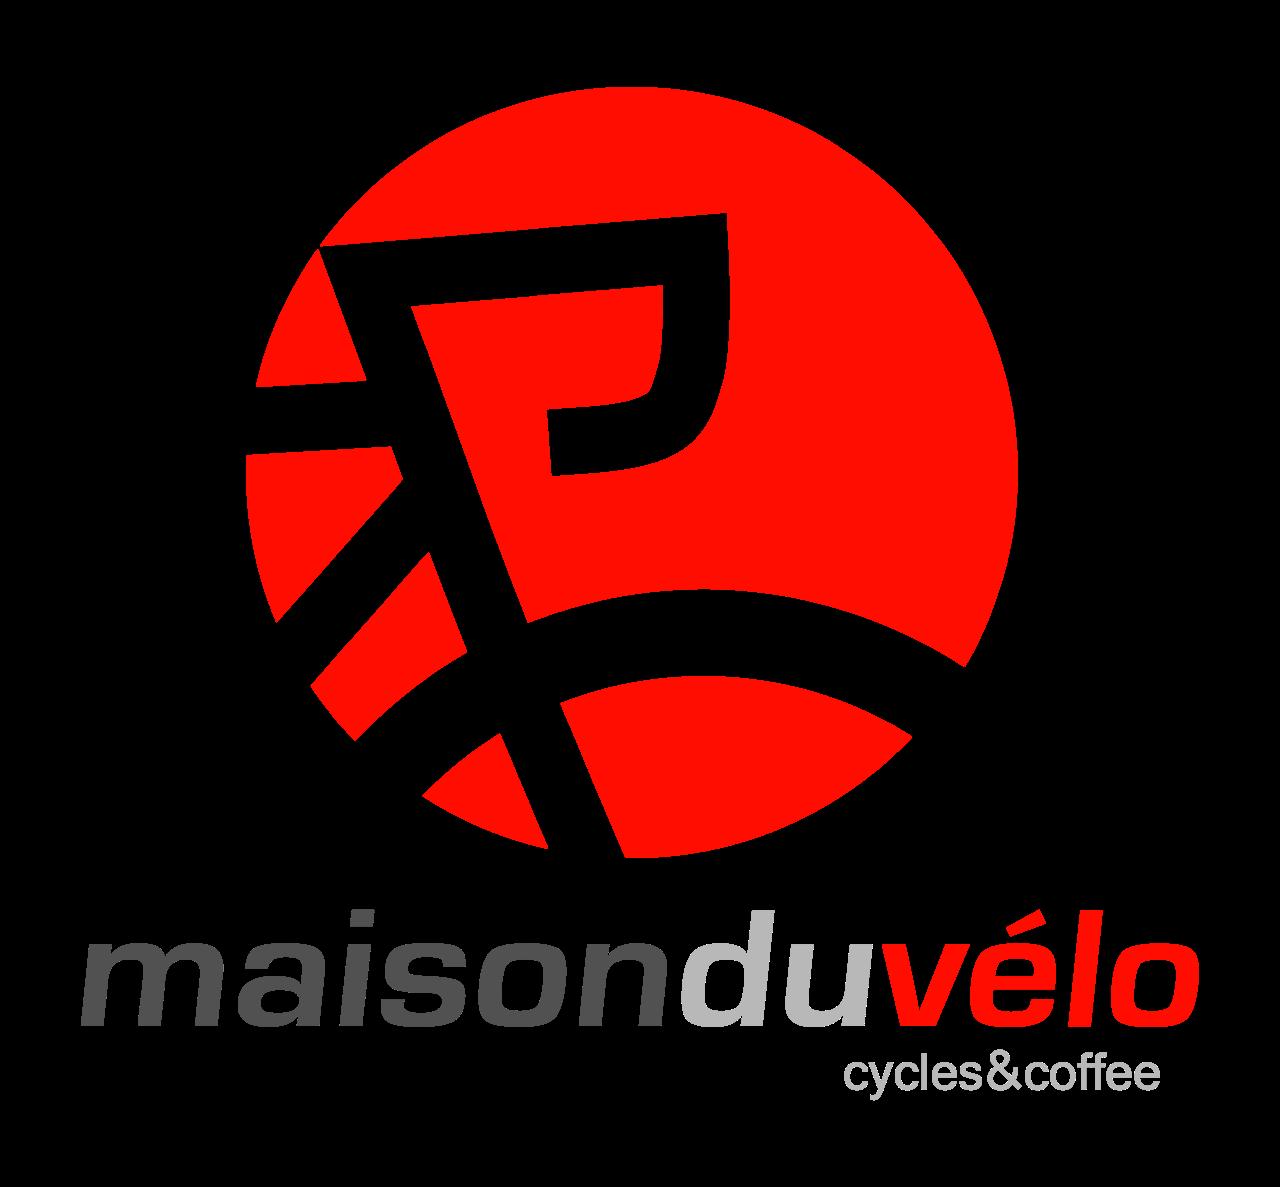 Maison du Velo logo